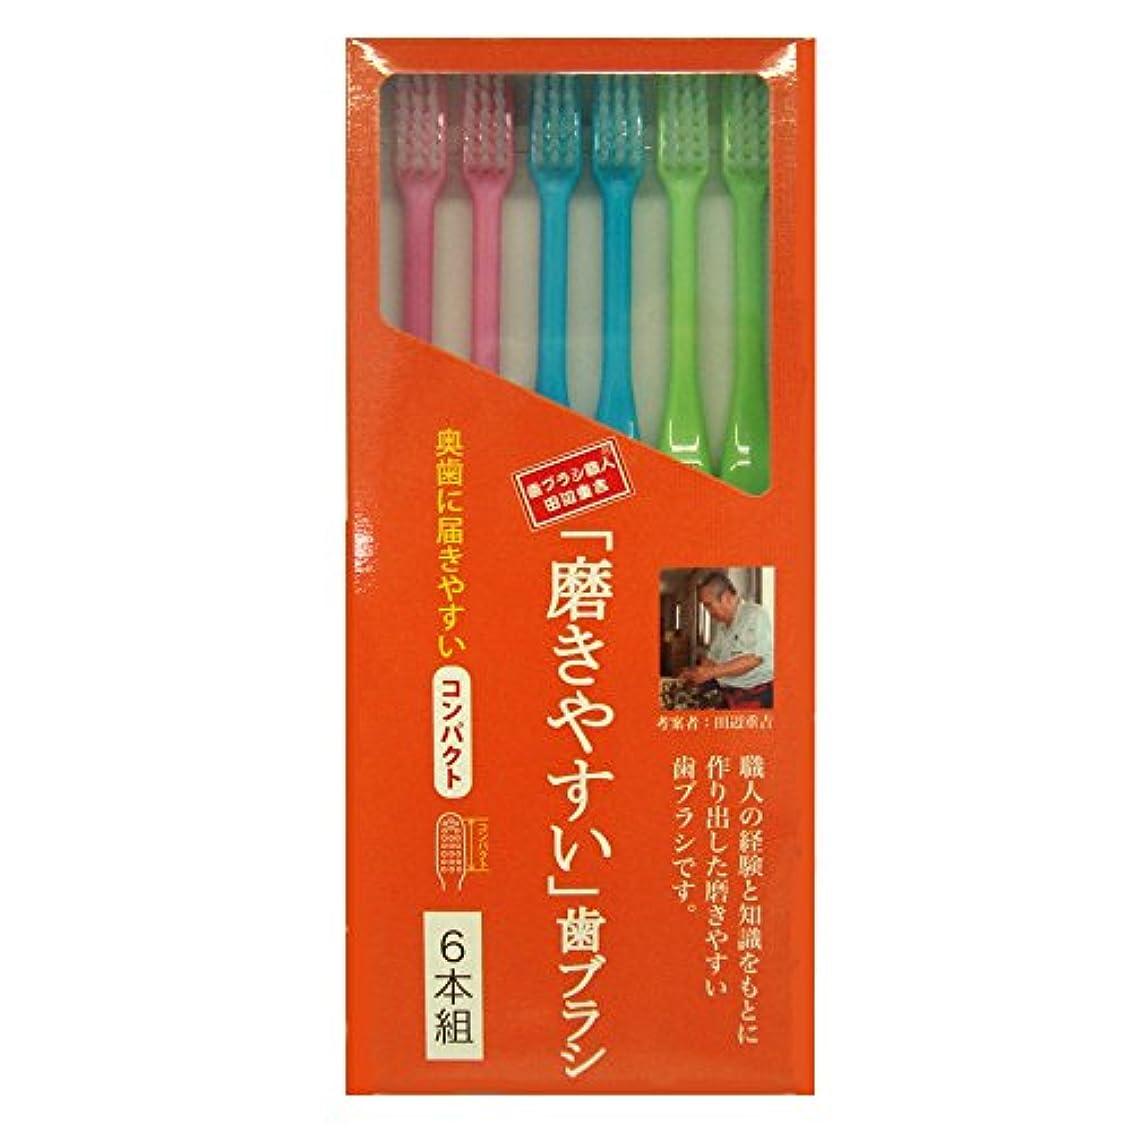 潜在的な異常絶対に磨きやすい歯ブラシ 6本組 コンパクトタイプ